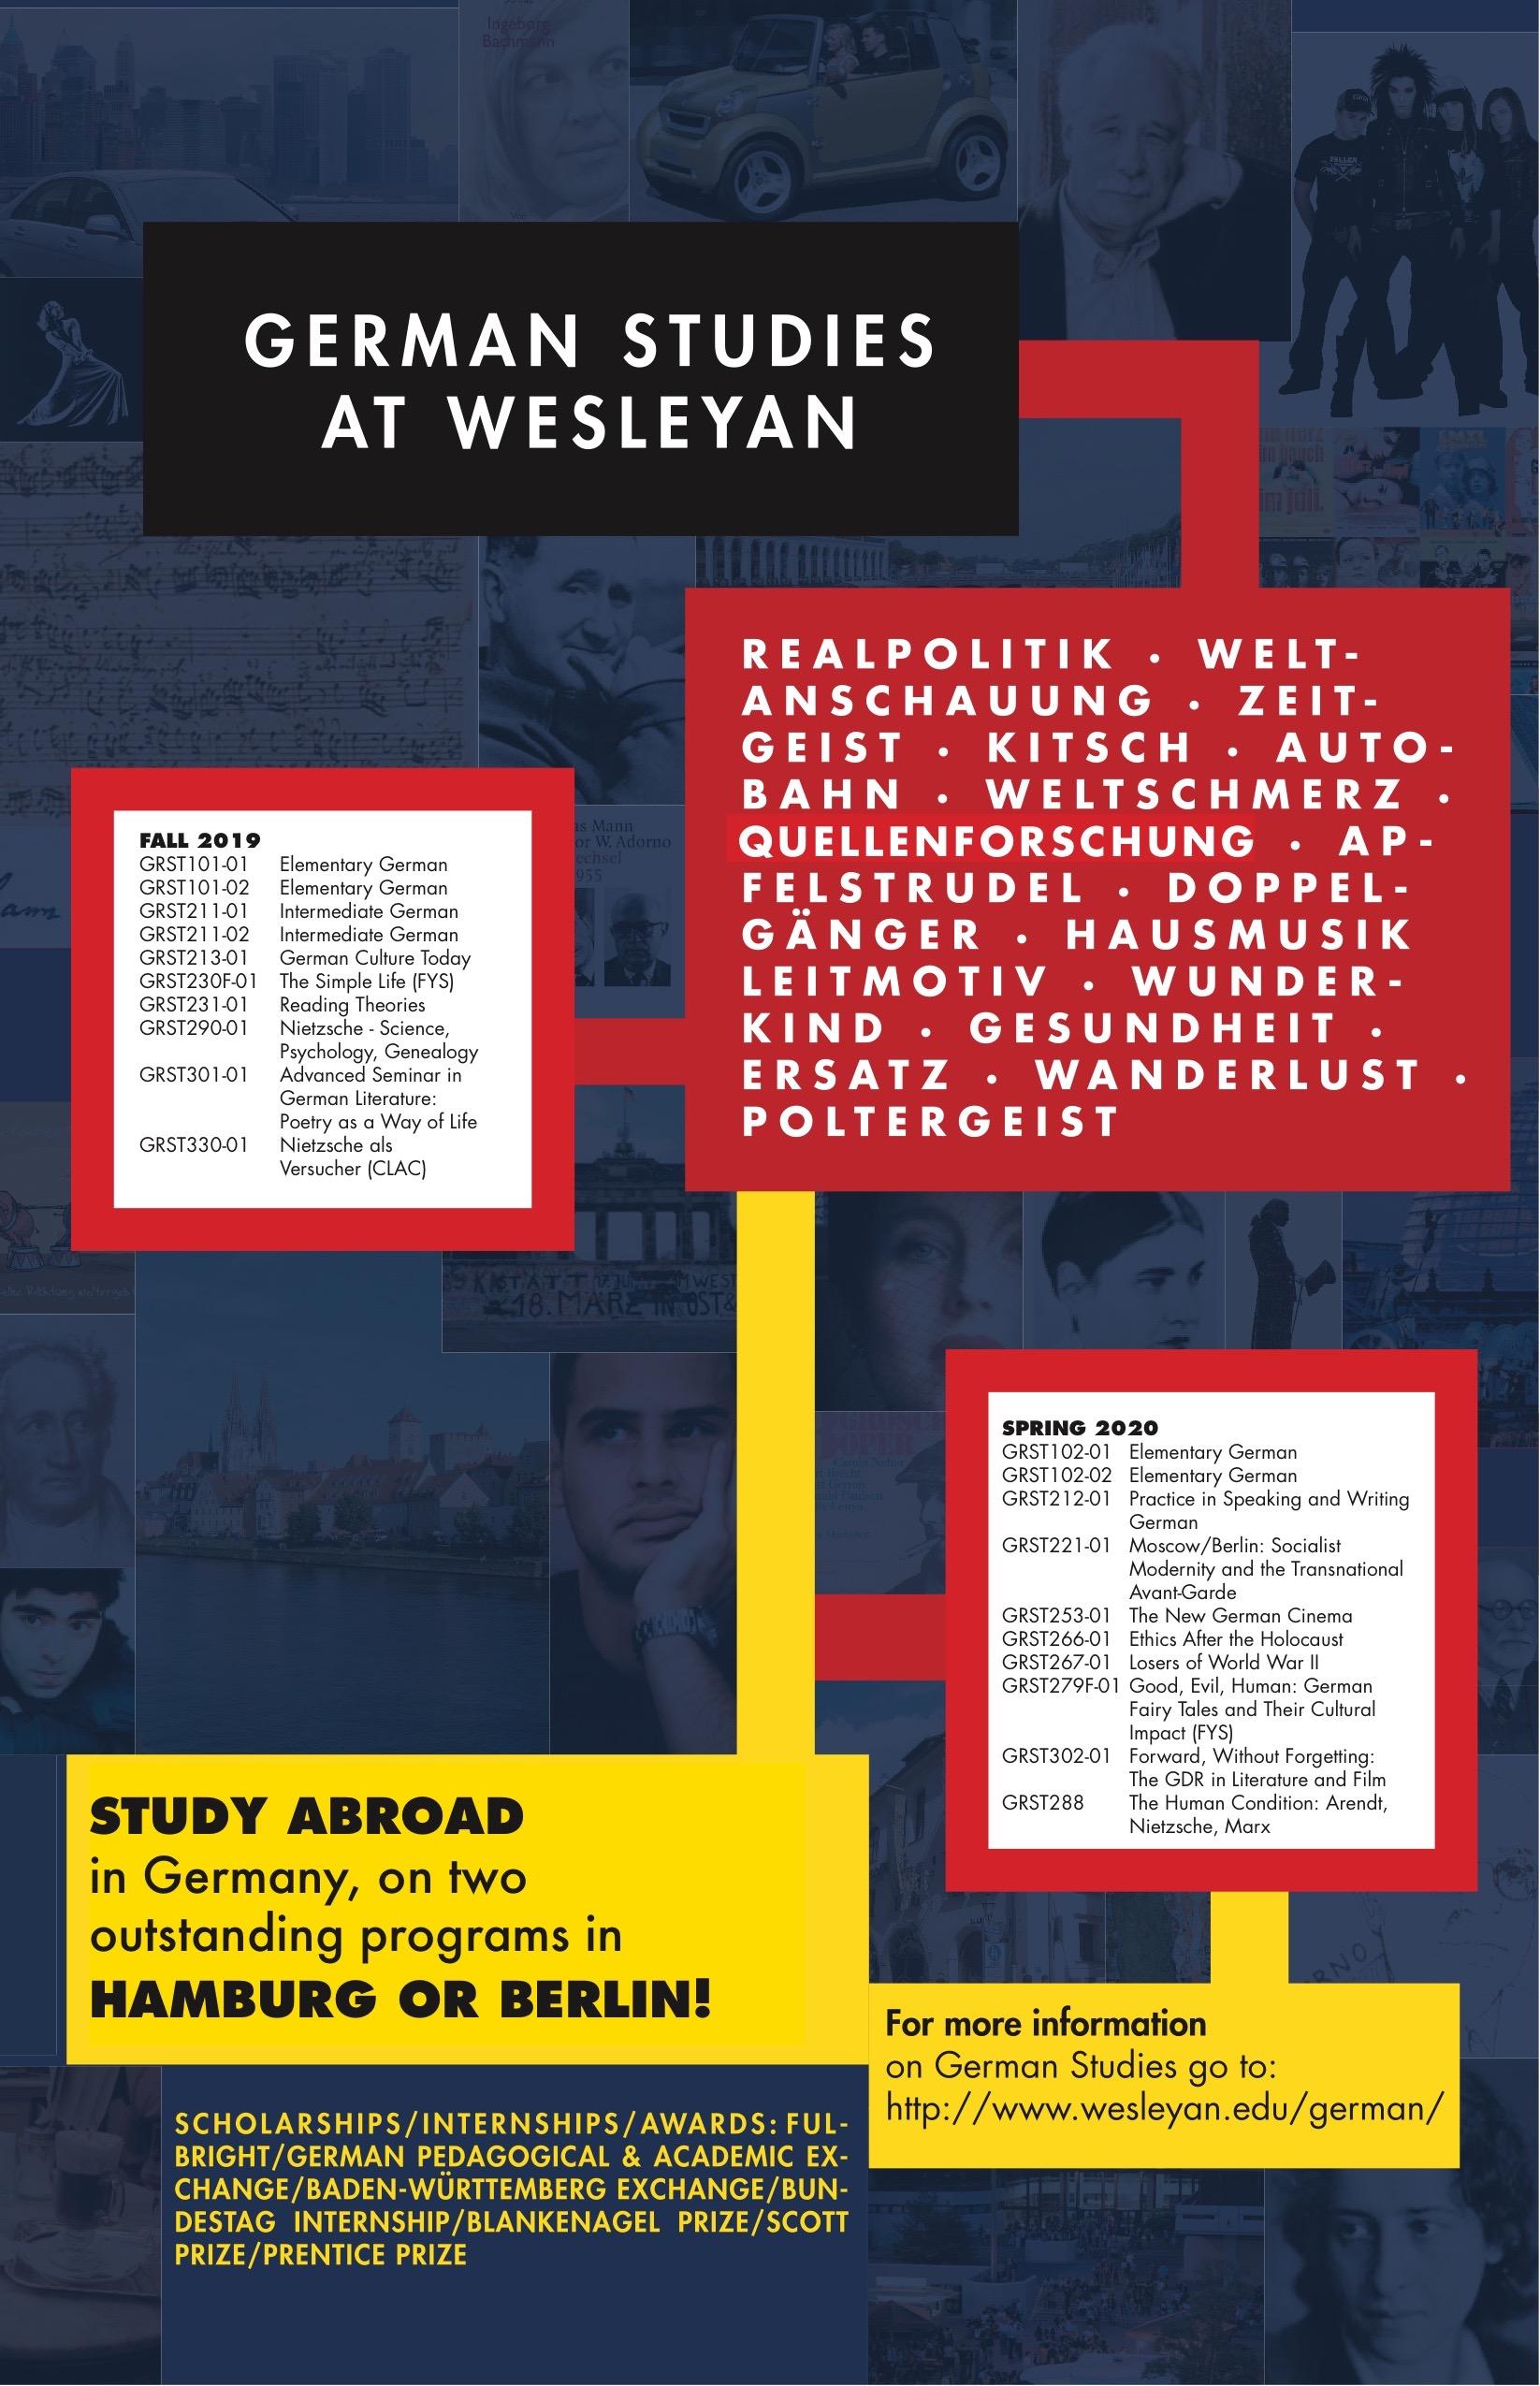 German News – German Studies Department at Wesleyan University